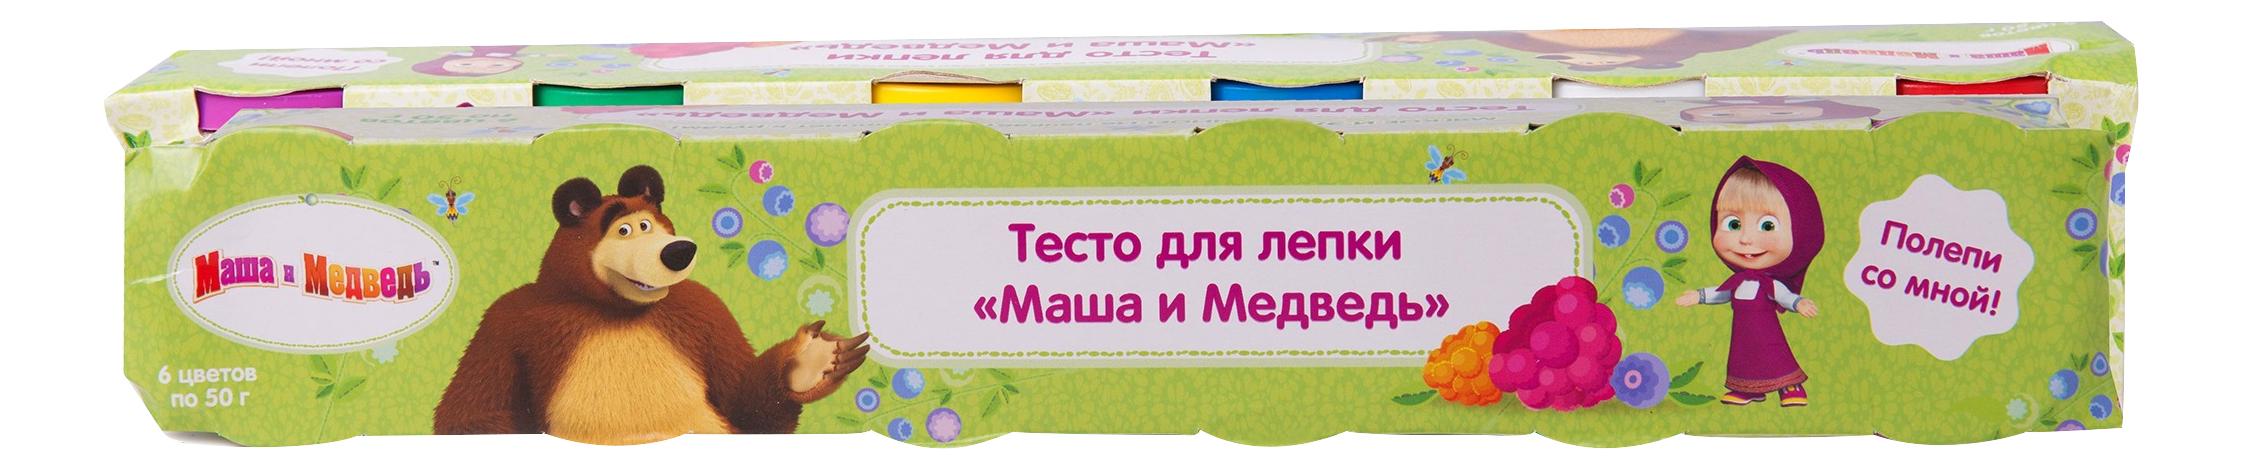 Купить Тесто для лепки Маша и Медведь 6 цветов по 50 г Росмэн 33362, Лепка